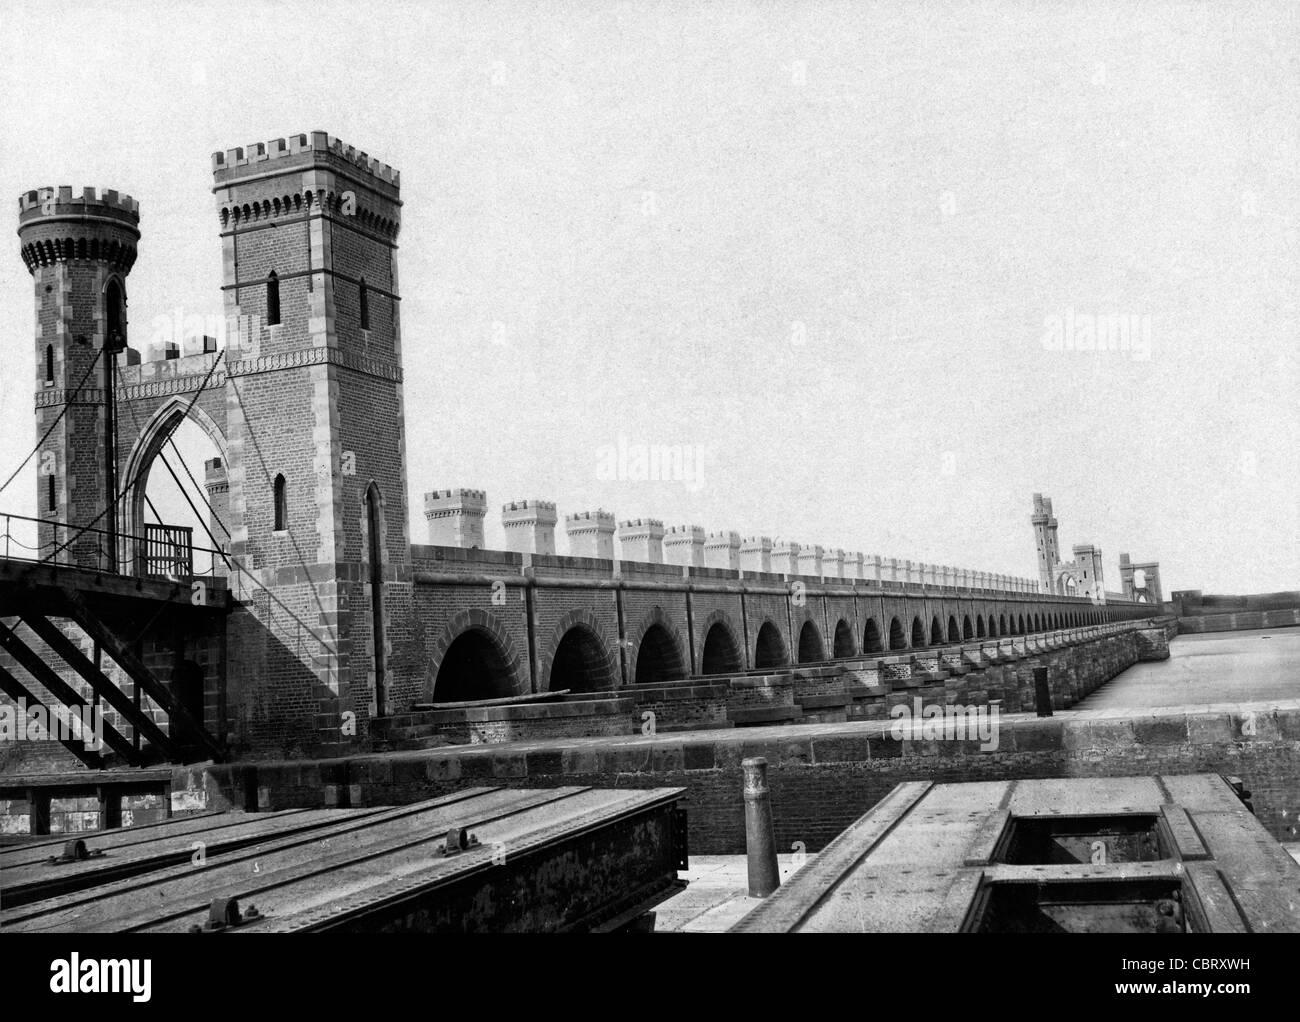 Toll bridge on the Nile River, circa 1880 - Stock Image